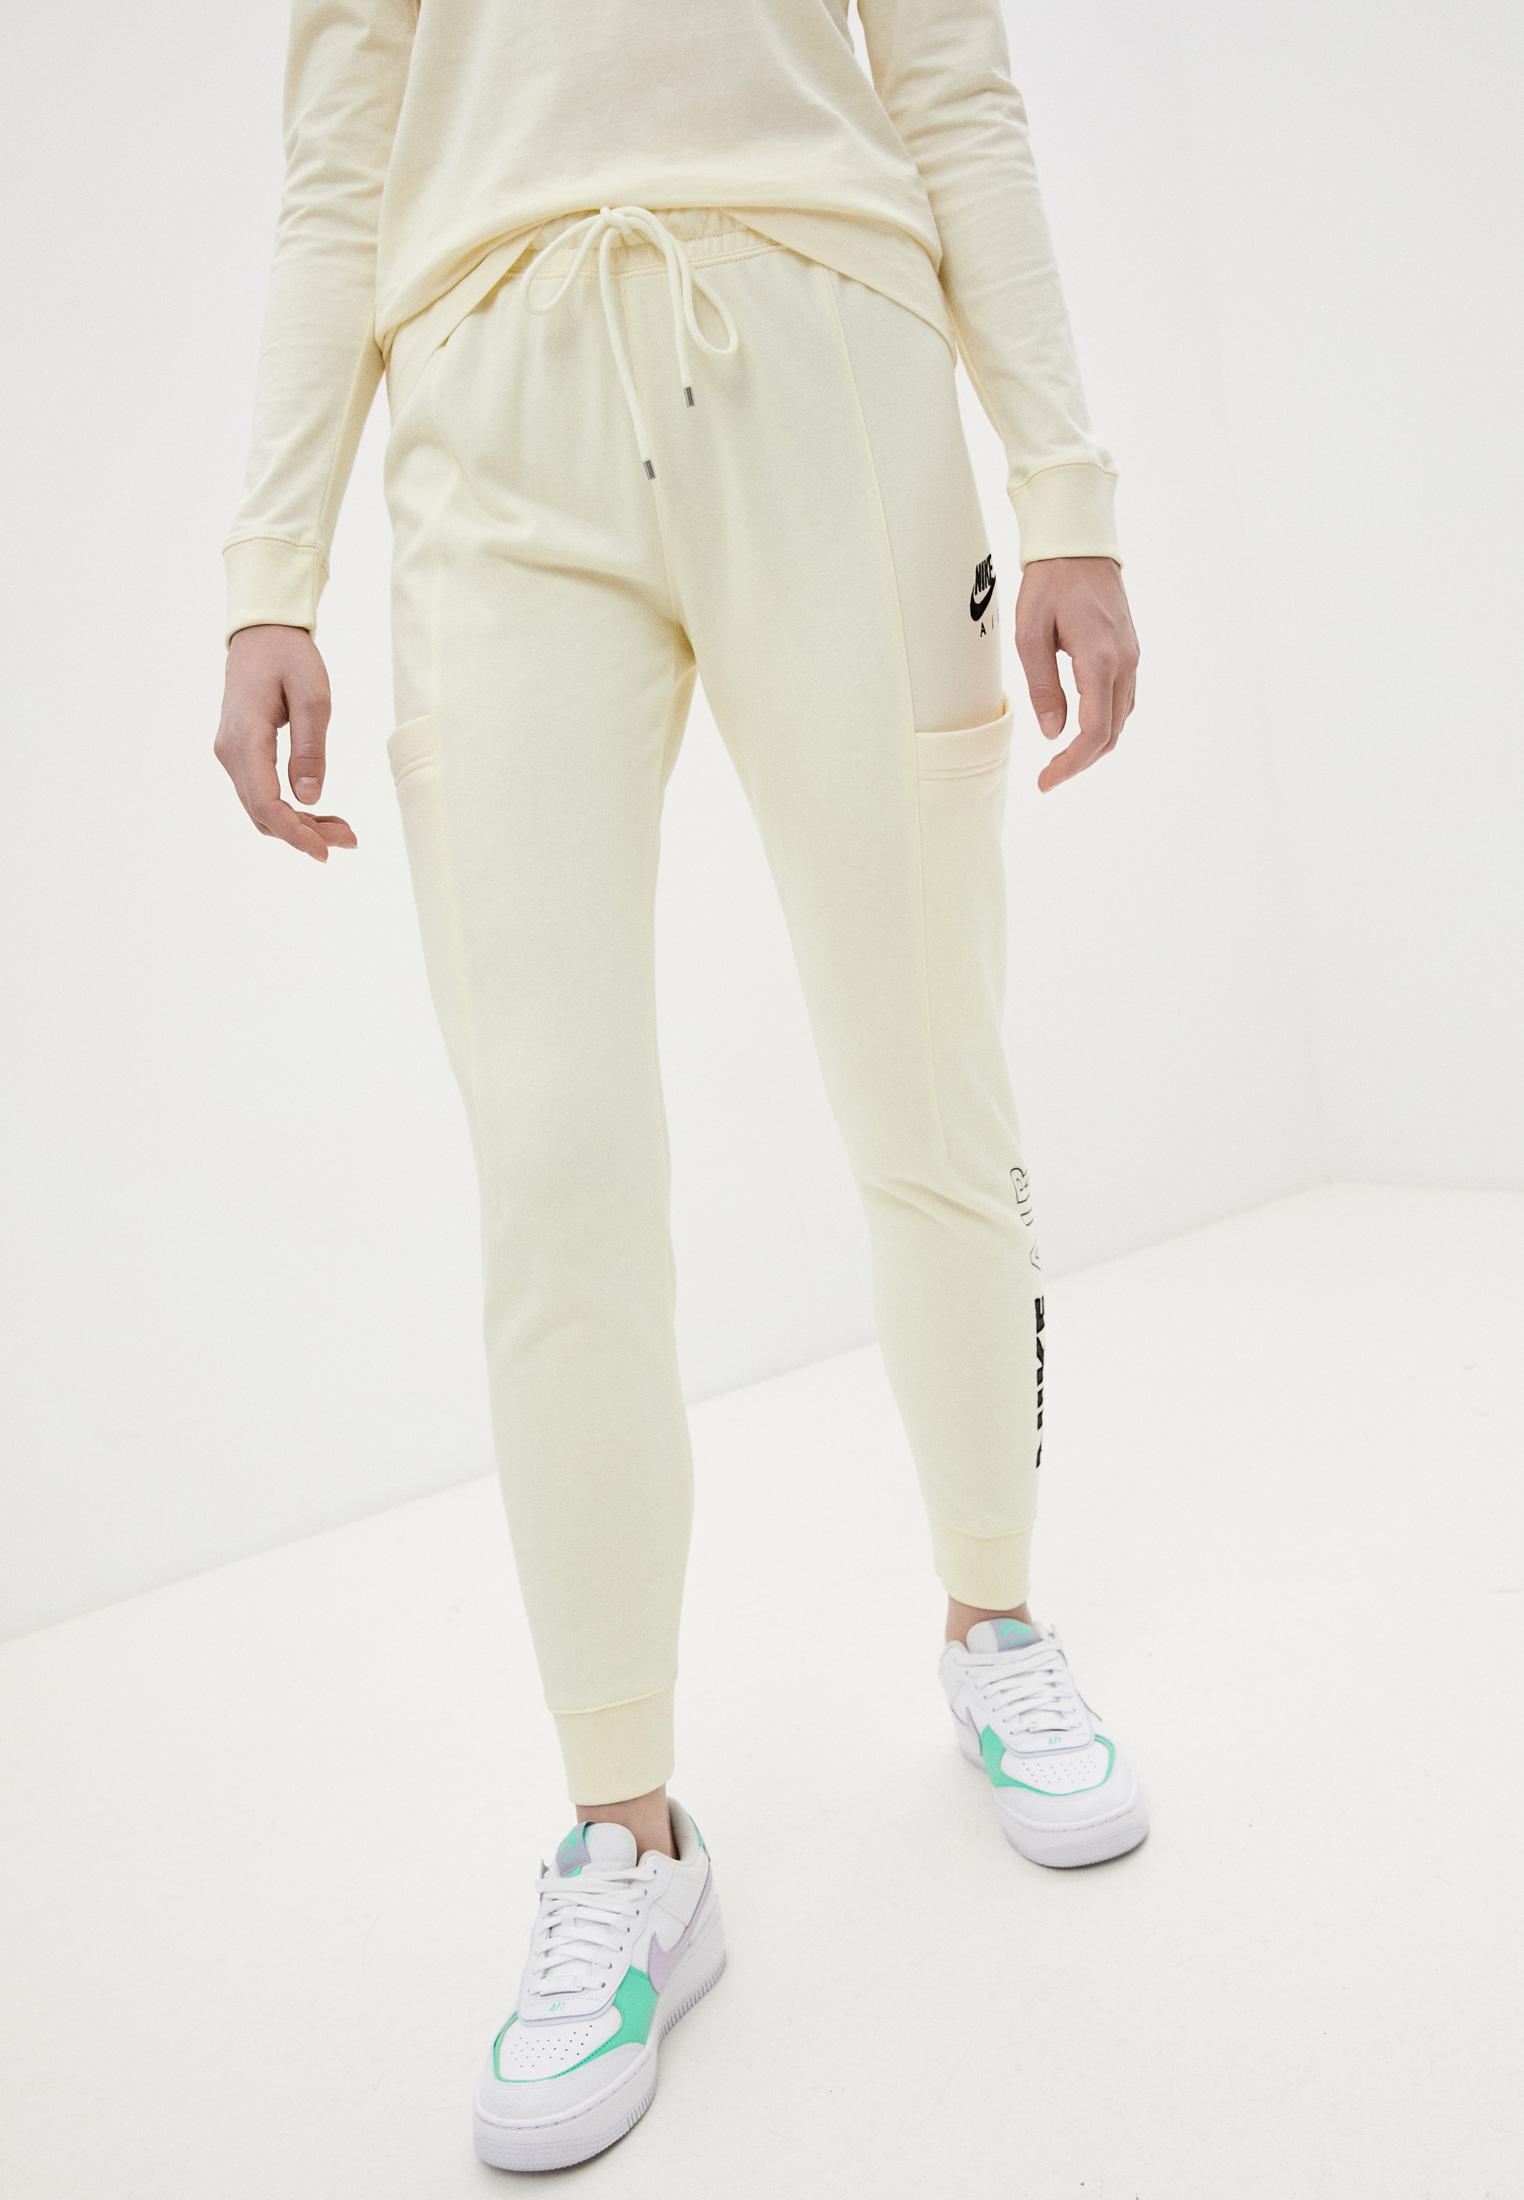 Женские спортивные брюки Nike (Найк) Брюки спортивные Nike